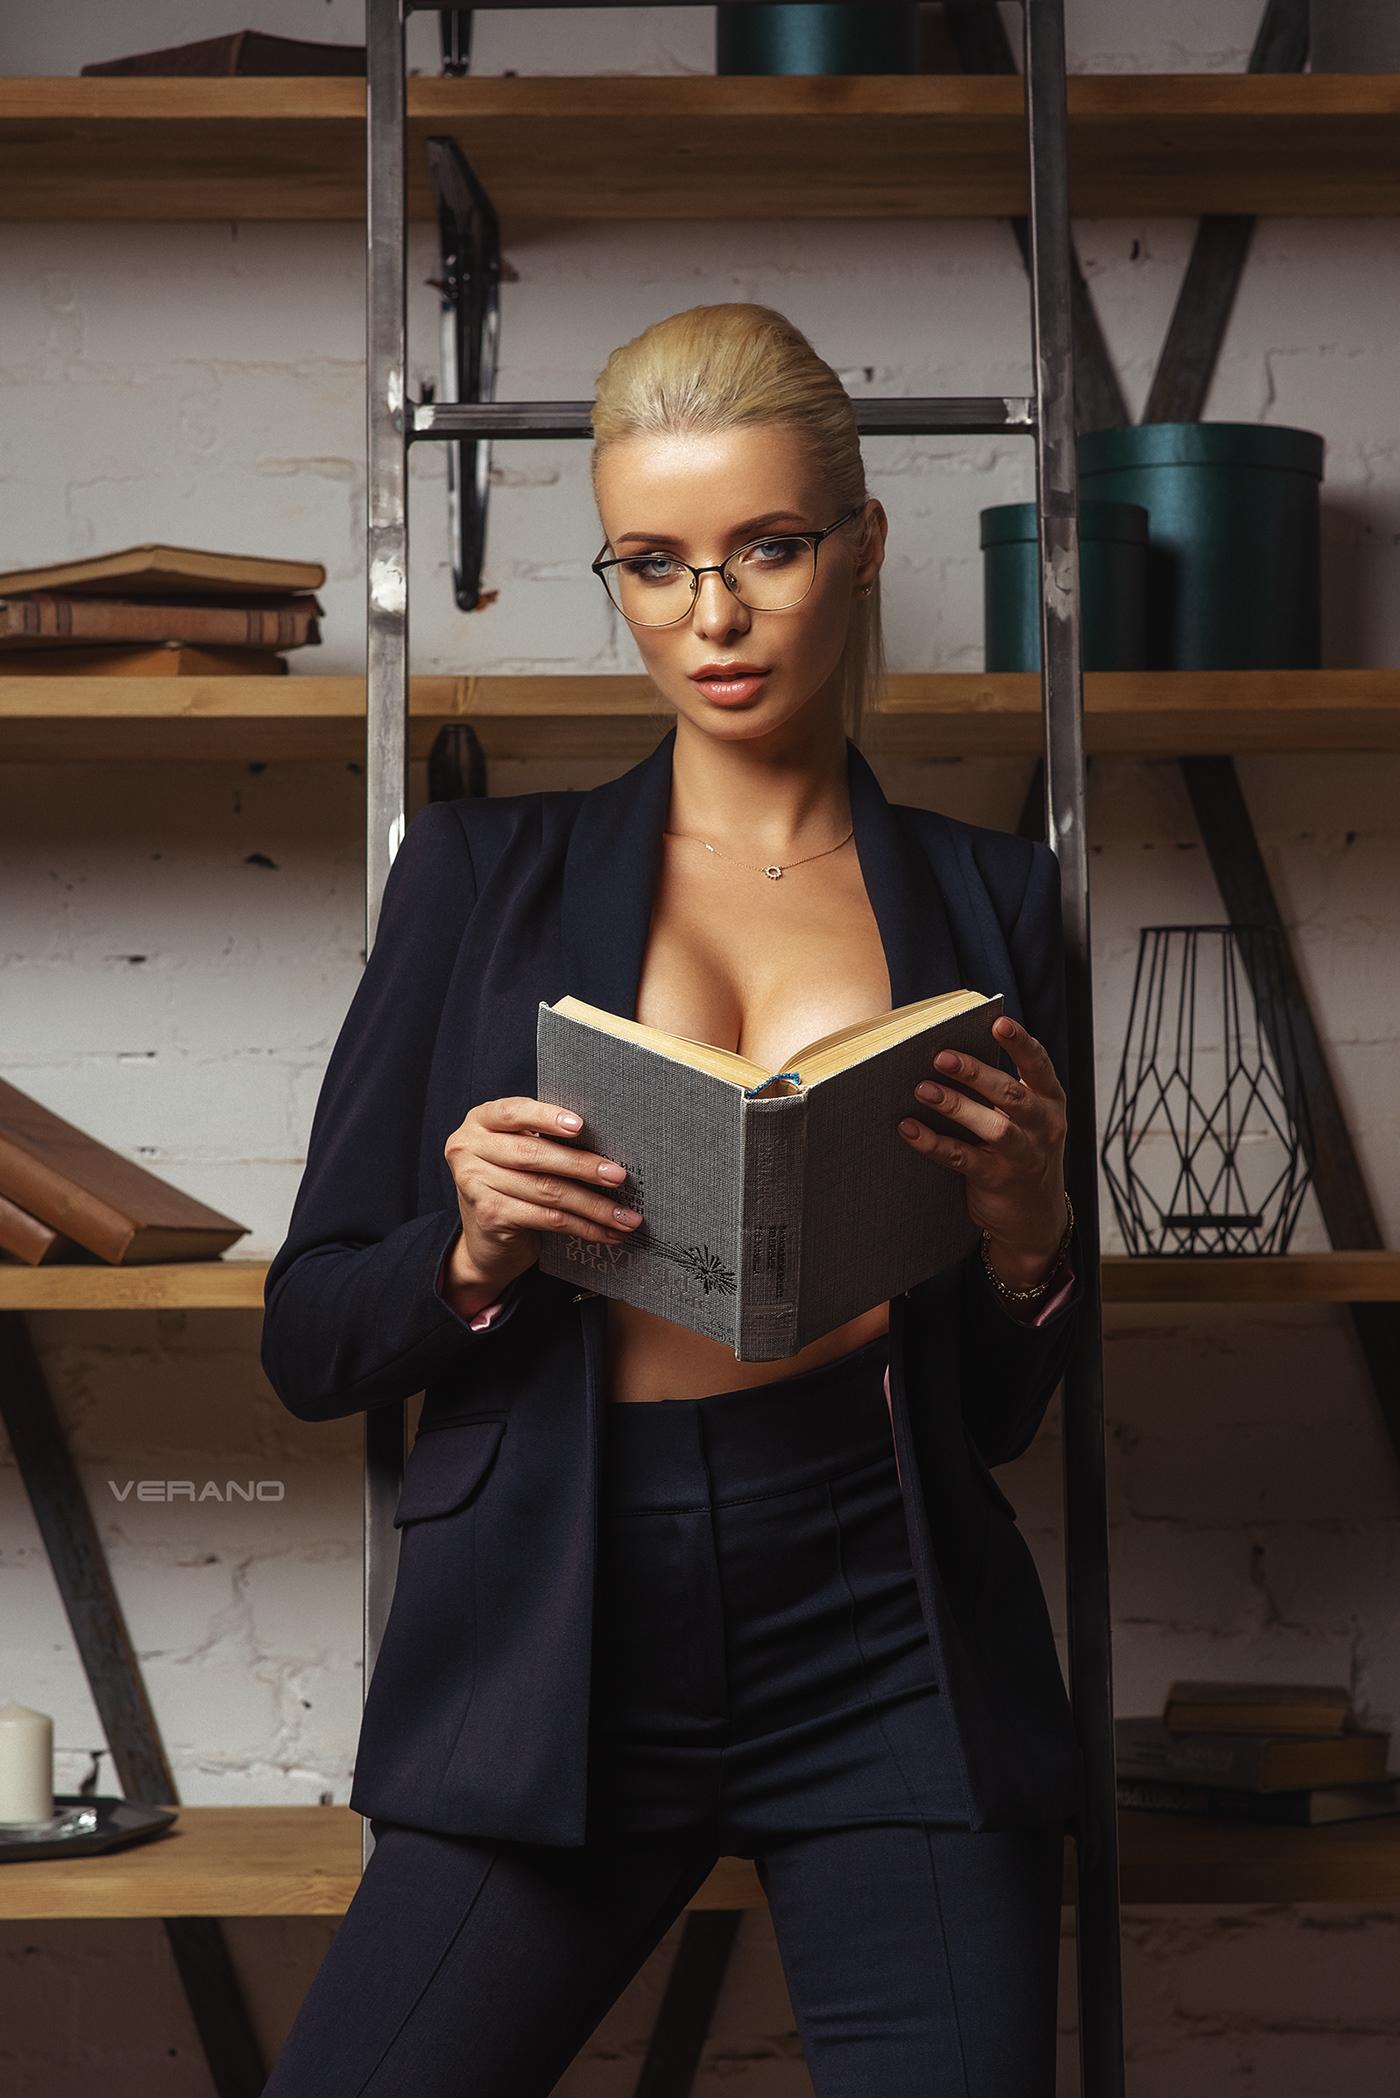 Екатерина Енокаева / фото Nikolas Verano